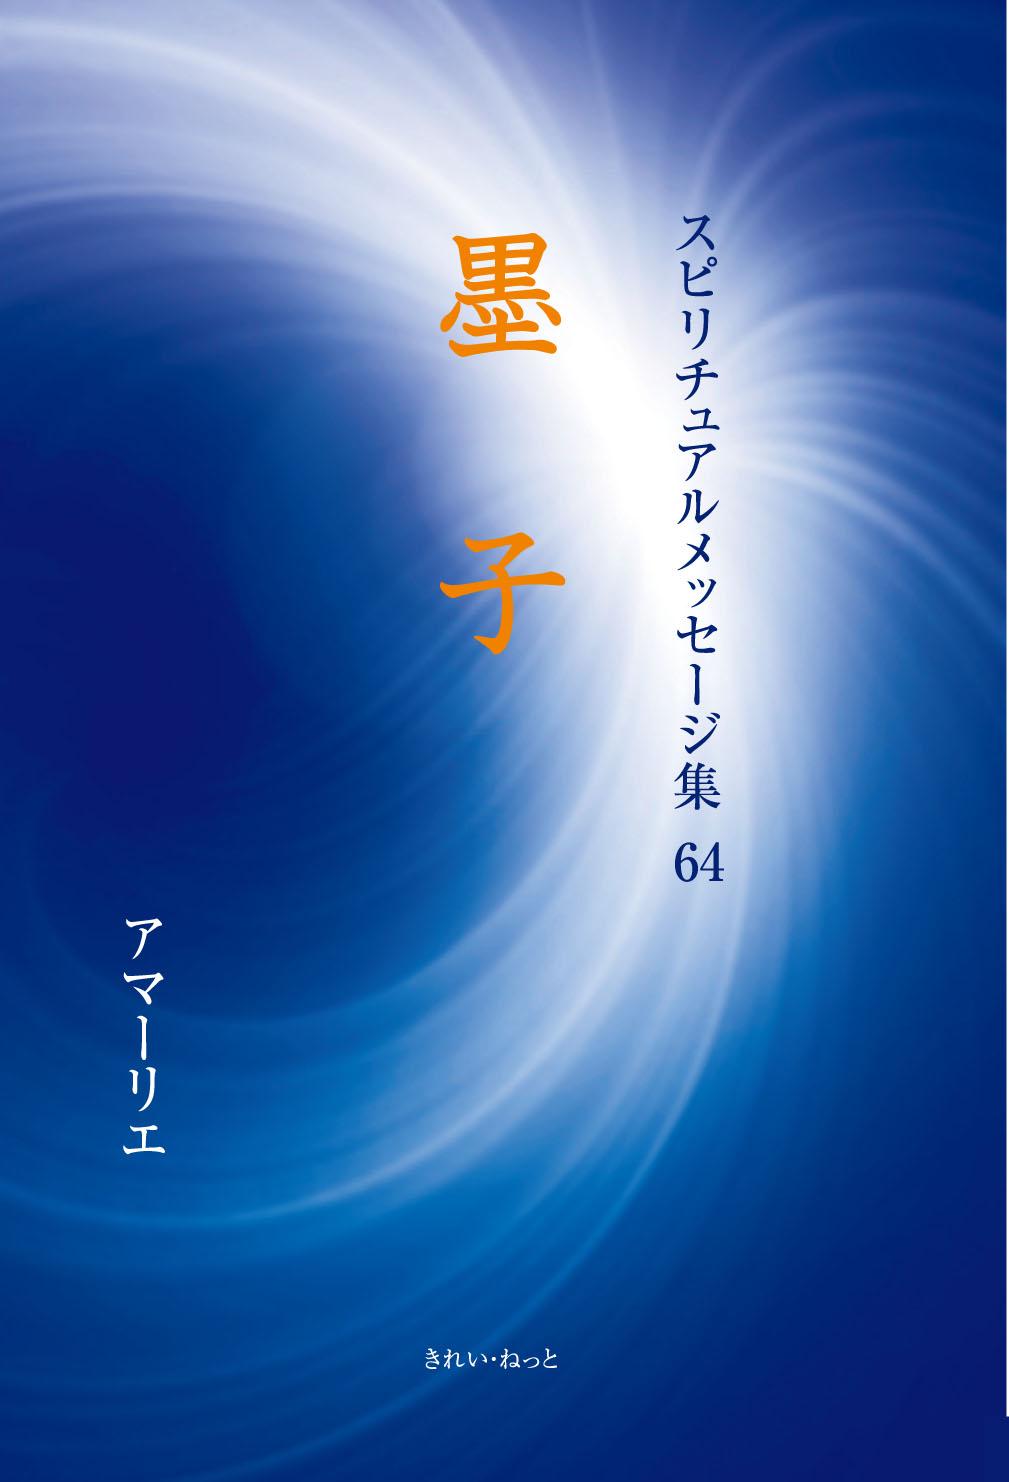 画像1: スピリチュアルメッセージ集64 墨子 (1)